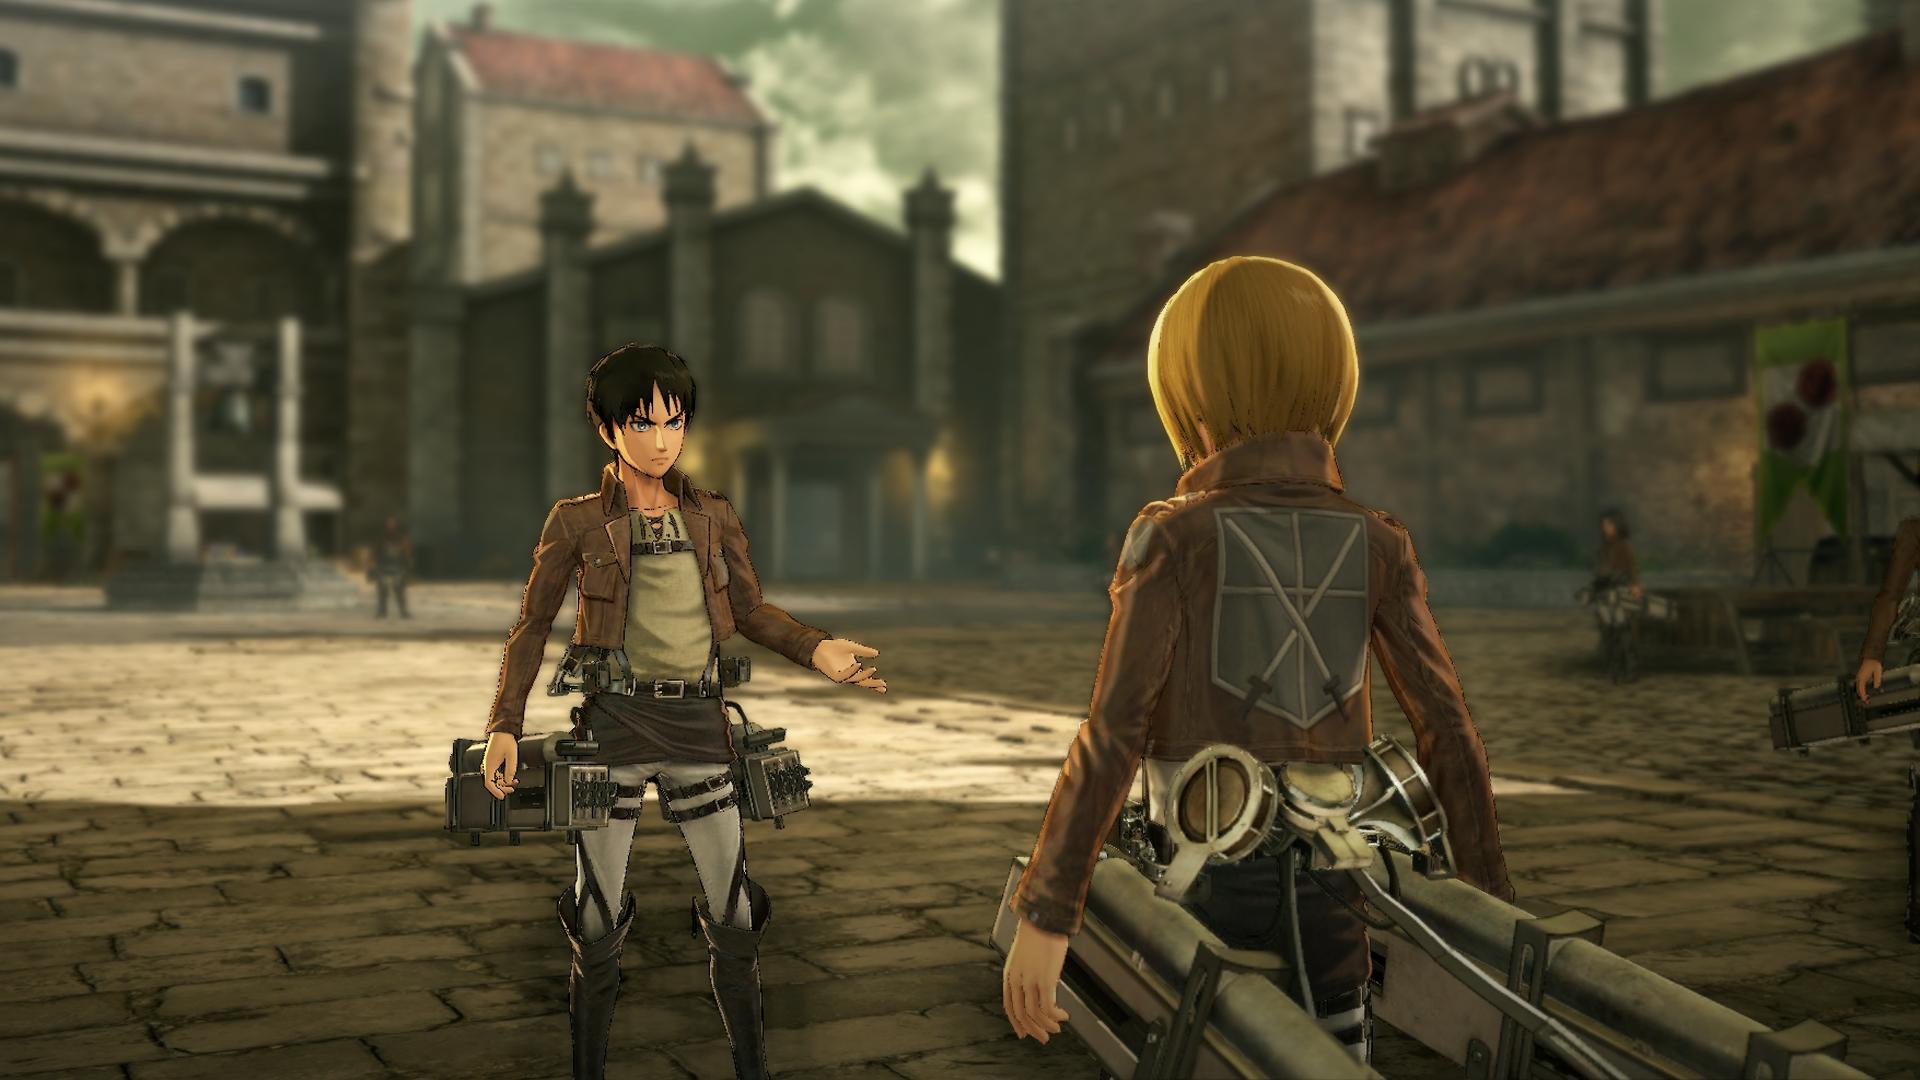 Attack on Titan vychází v srpnu také na Xbox One a PC 122040